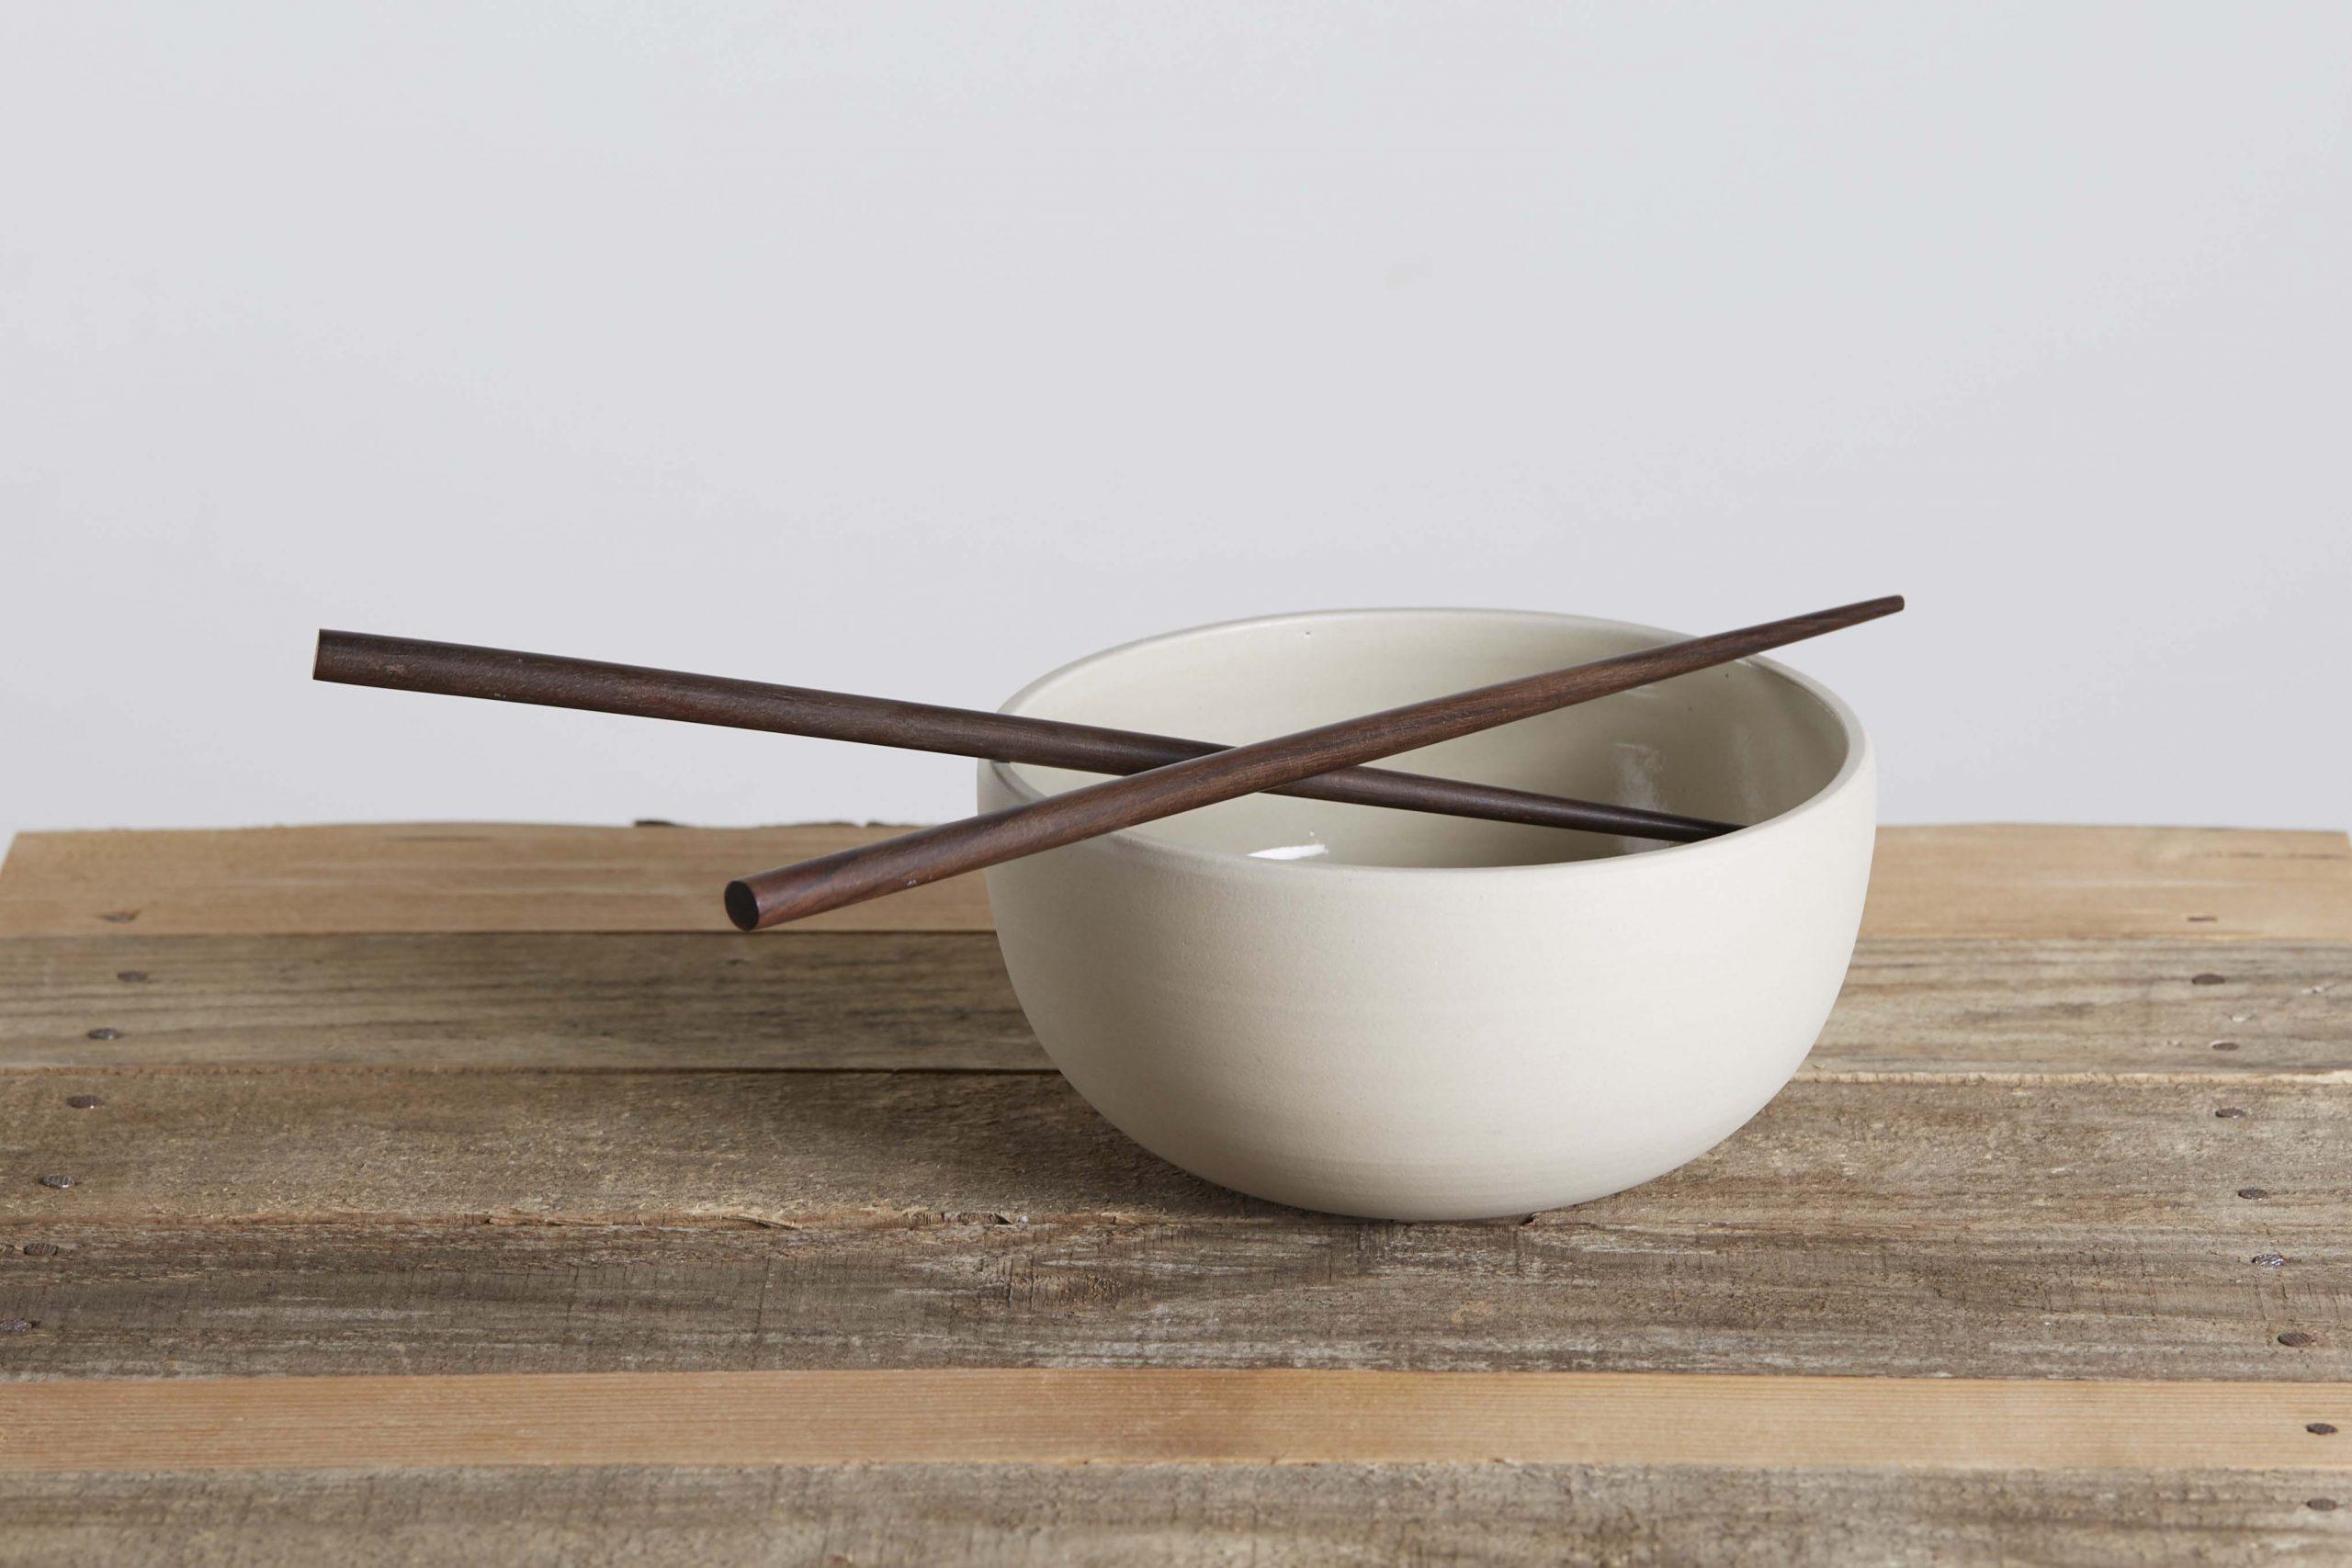 una ciotola ceramica con bacchette - artigianale - Federica Ramacciotti